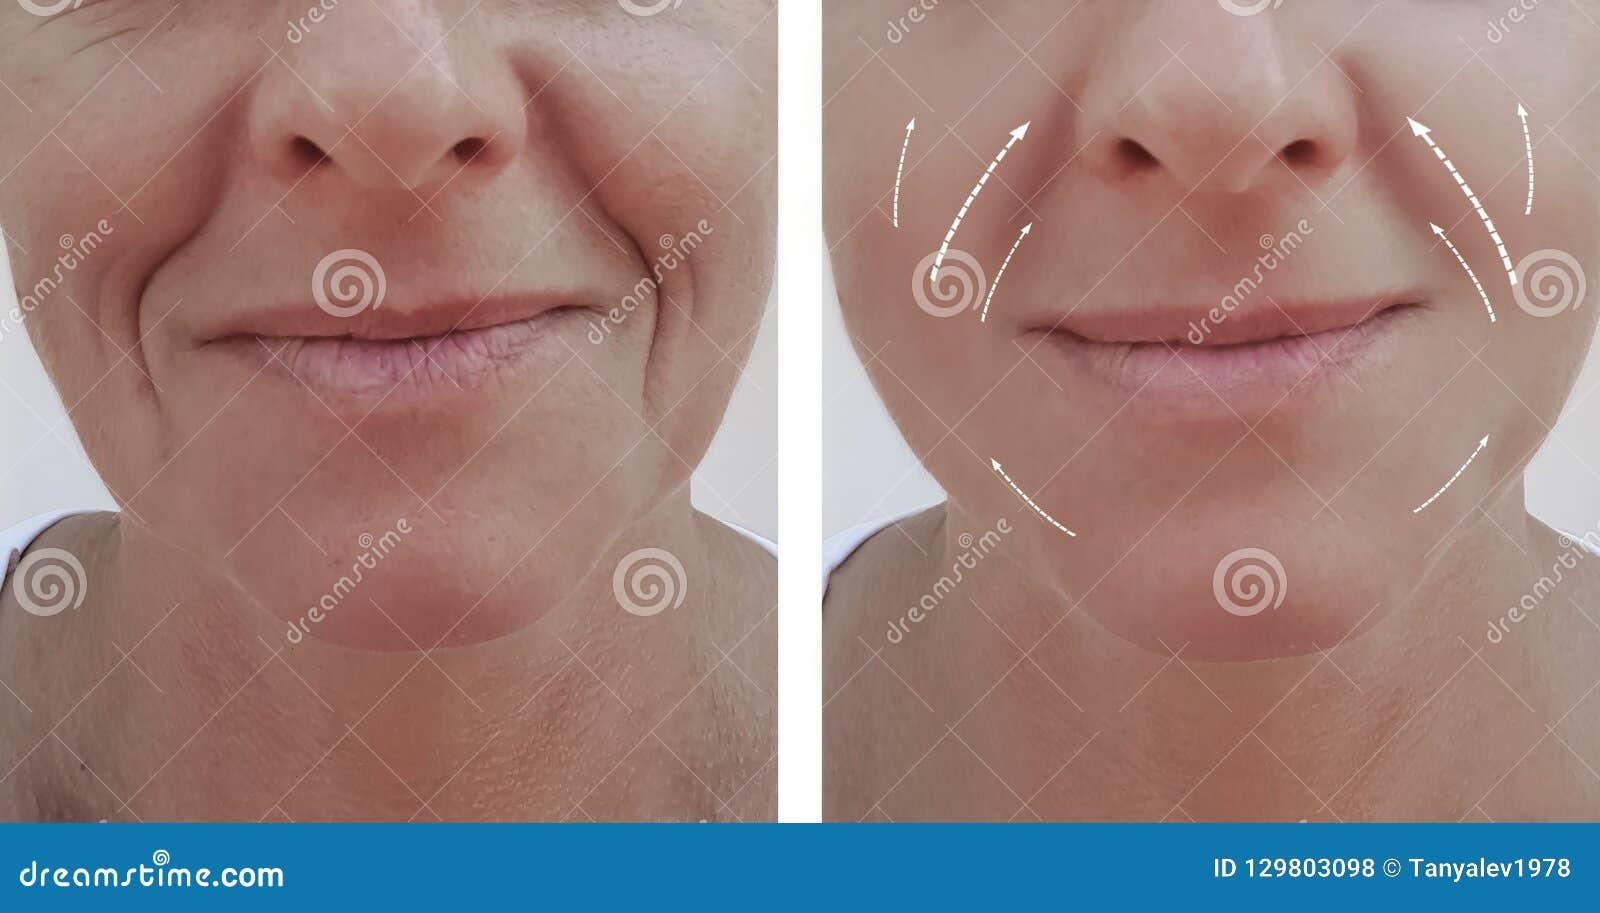 Diferencia paciente antes y después de procedimientos, flecha de las arrugas del retiro de la dermatología del contraste del llen